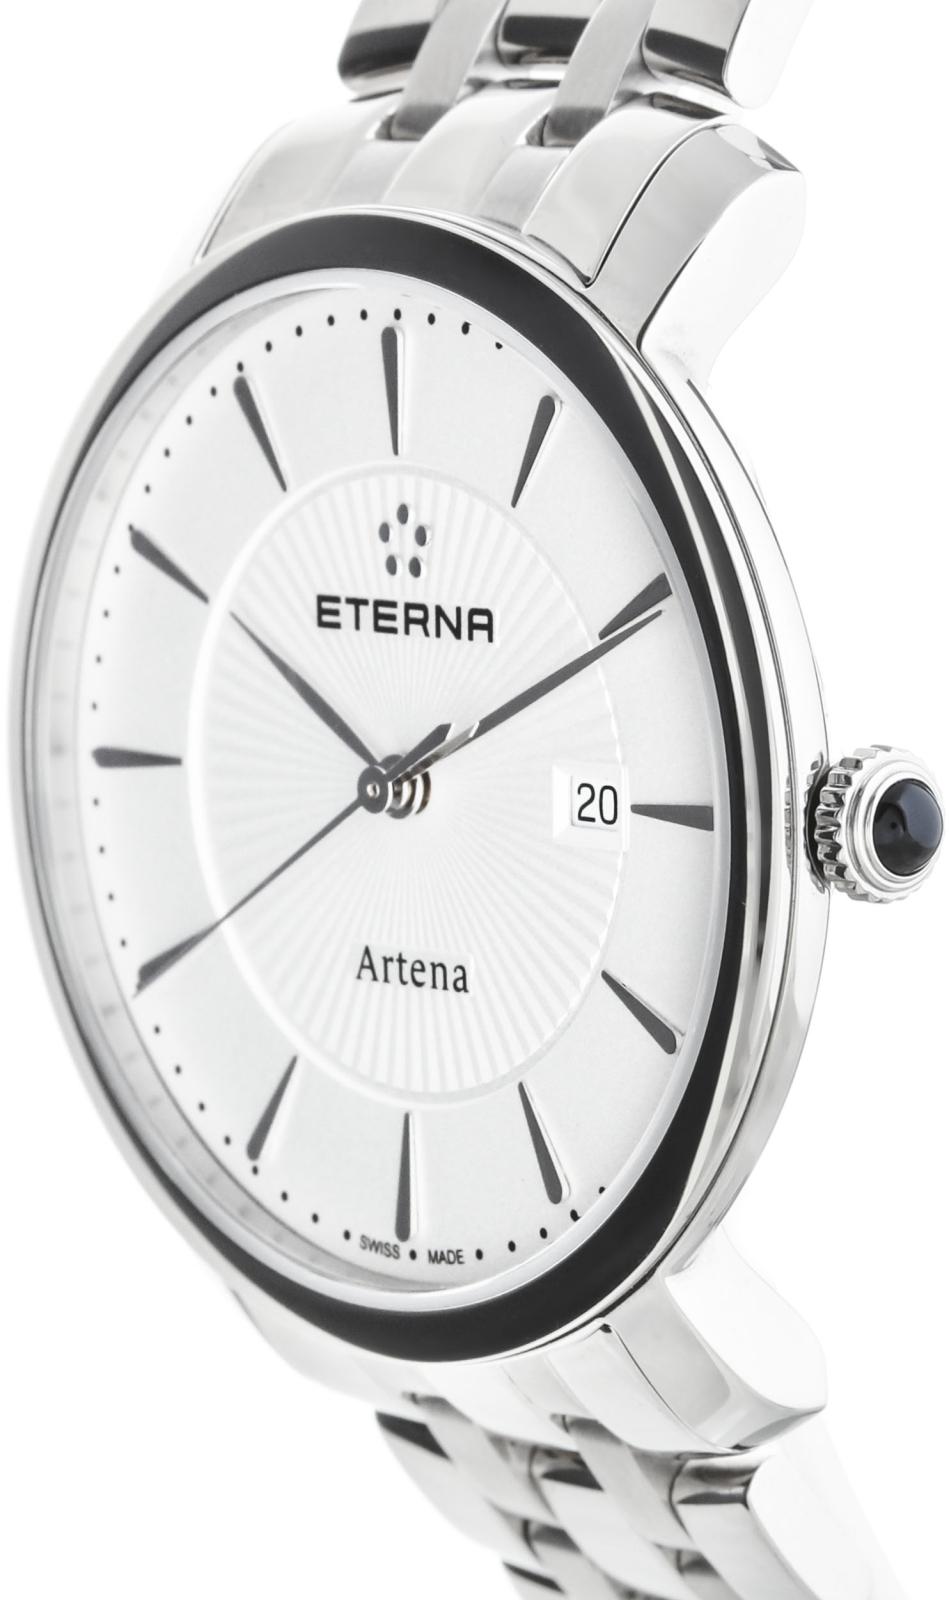 Eterna Artena 2510.41.11.0273Наручные часы<br>Швейцарские часы Eterna Artena 2510.41.11.0273Данная модель входит в коллекцию Artena. Это модные женские часы. Материал корпуса часов &amp;mdash; сталь. Циферблат часов защищает сапфировое стекло. Часы этой модели обладают водозащитой 30 м.<br><br>Пол: Женские<br>Страна-производитель: Швейцария<br>Механизм: Кварцевый<br>Материал корпуса: Сталь<br>Материал ремня/браслета: Сталь<br>Водозащита, диапазон: 20 - 100 м<br>Стекло: Сапфировое<br>Толщина корпуса: None<br>Стиль: None